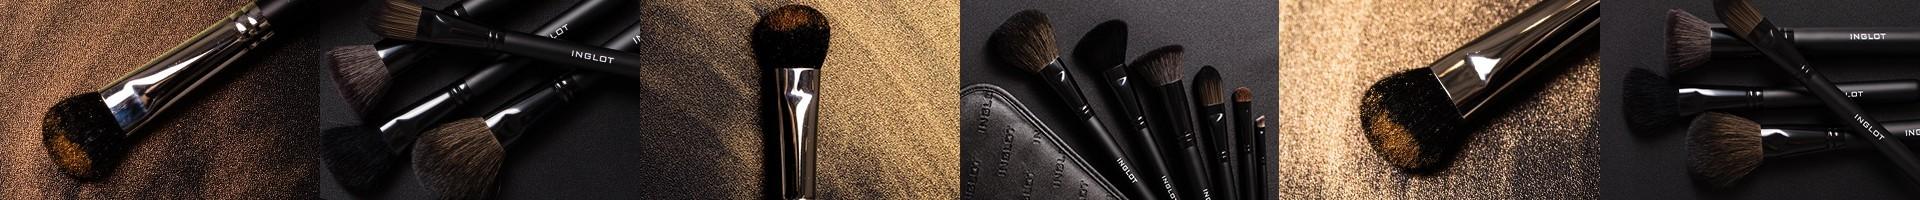 Pigments Brush